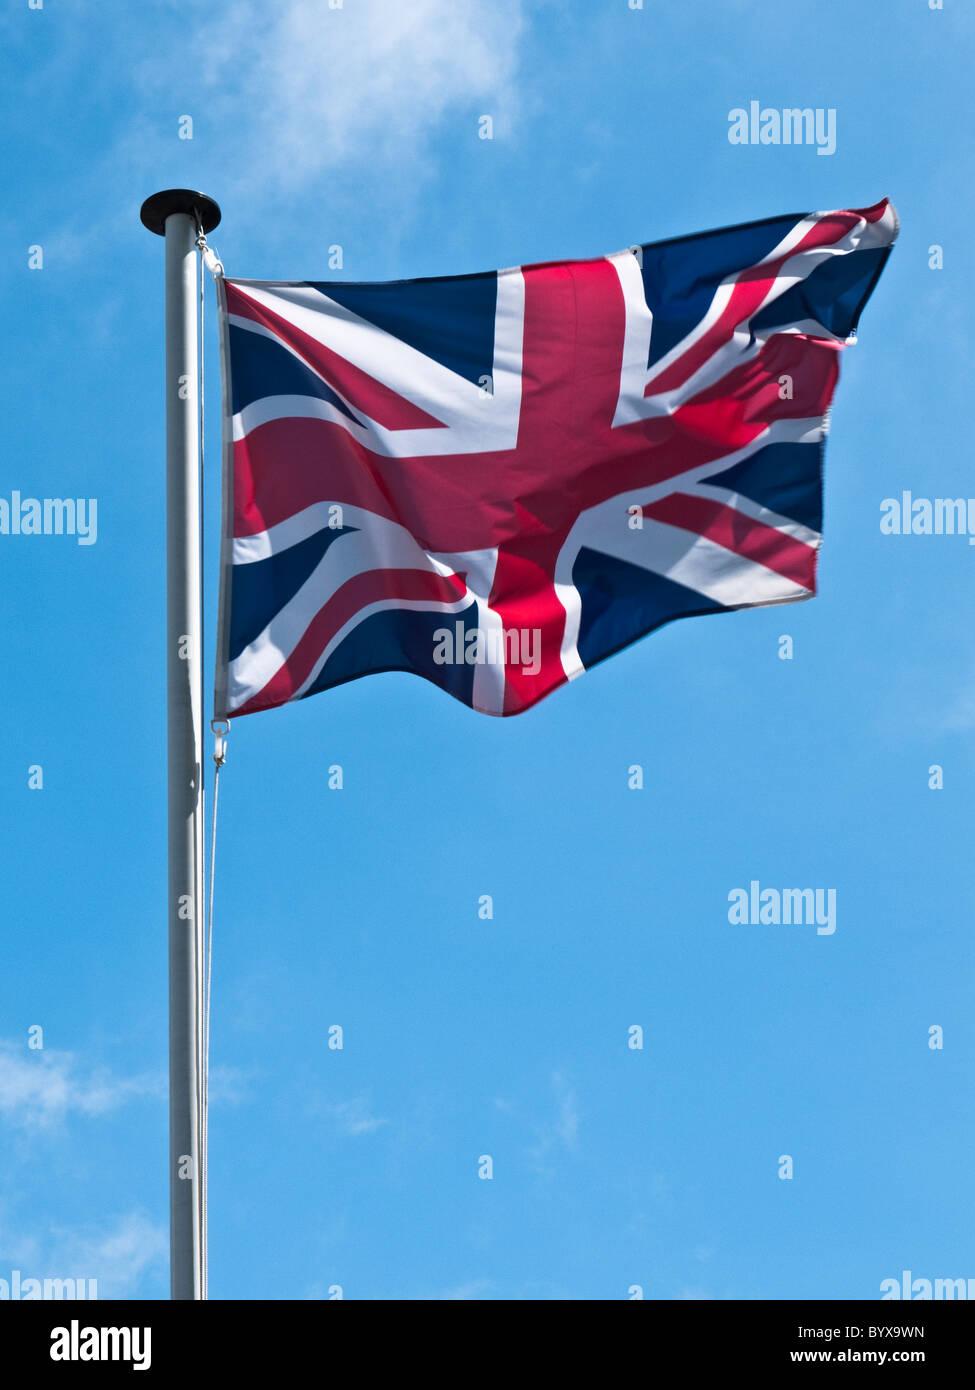 British Union Jack Flag - Stock Image